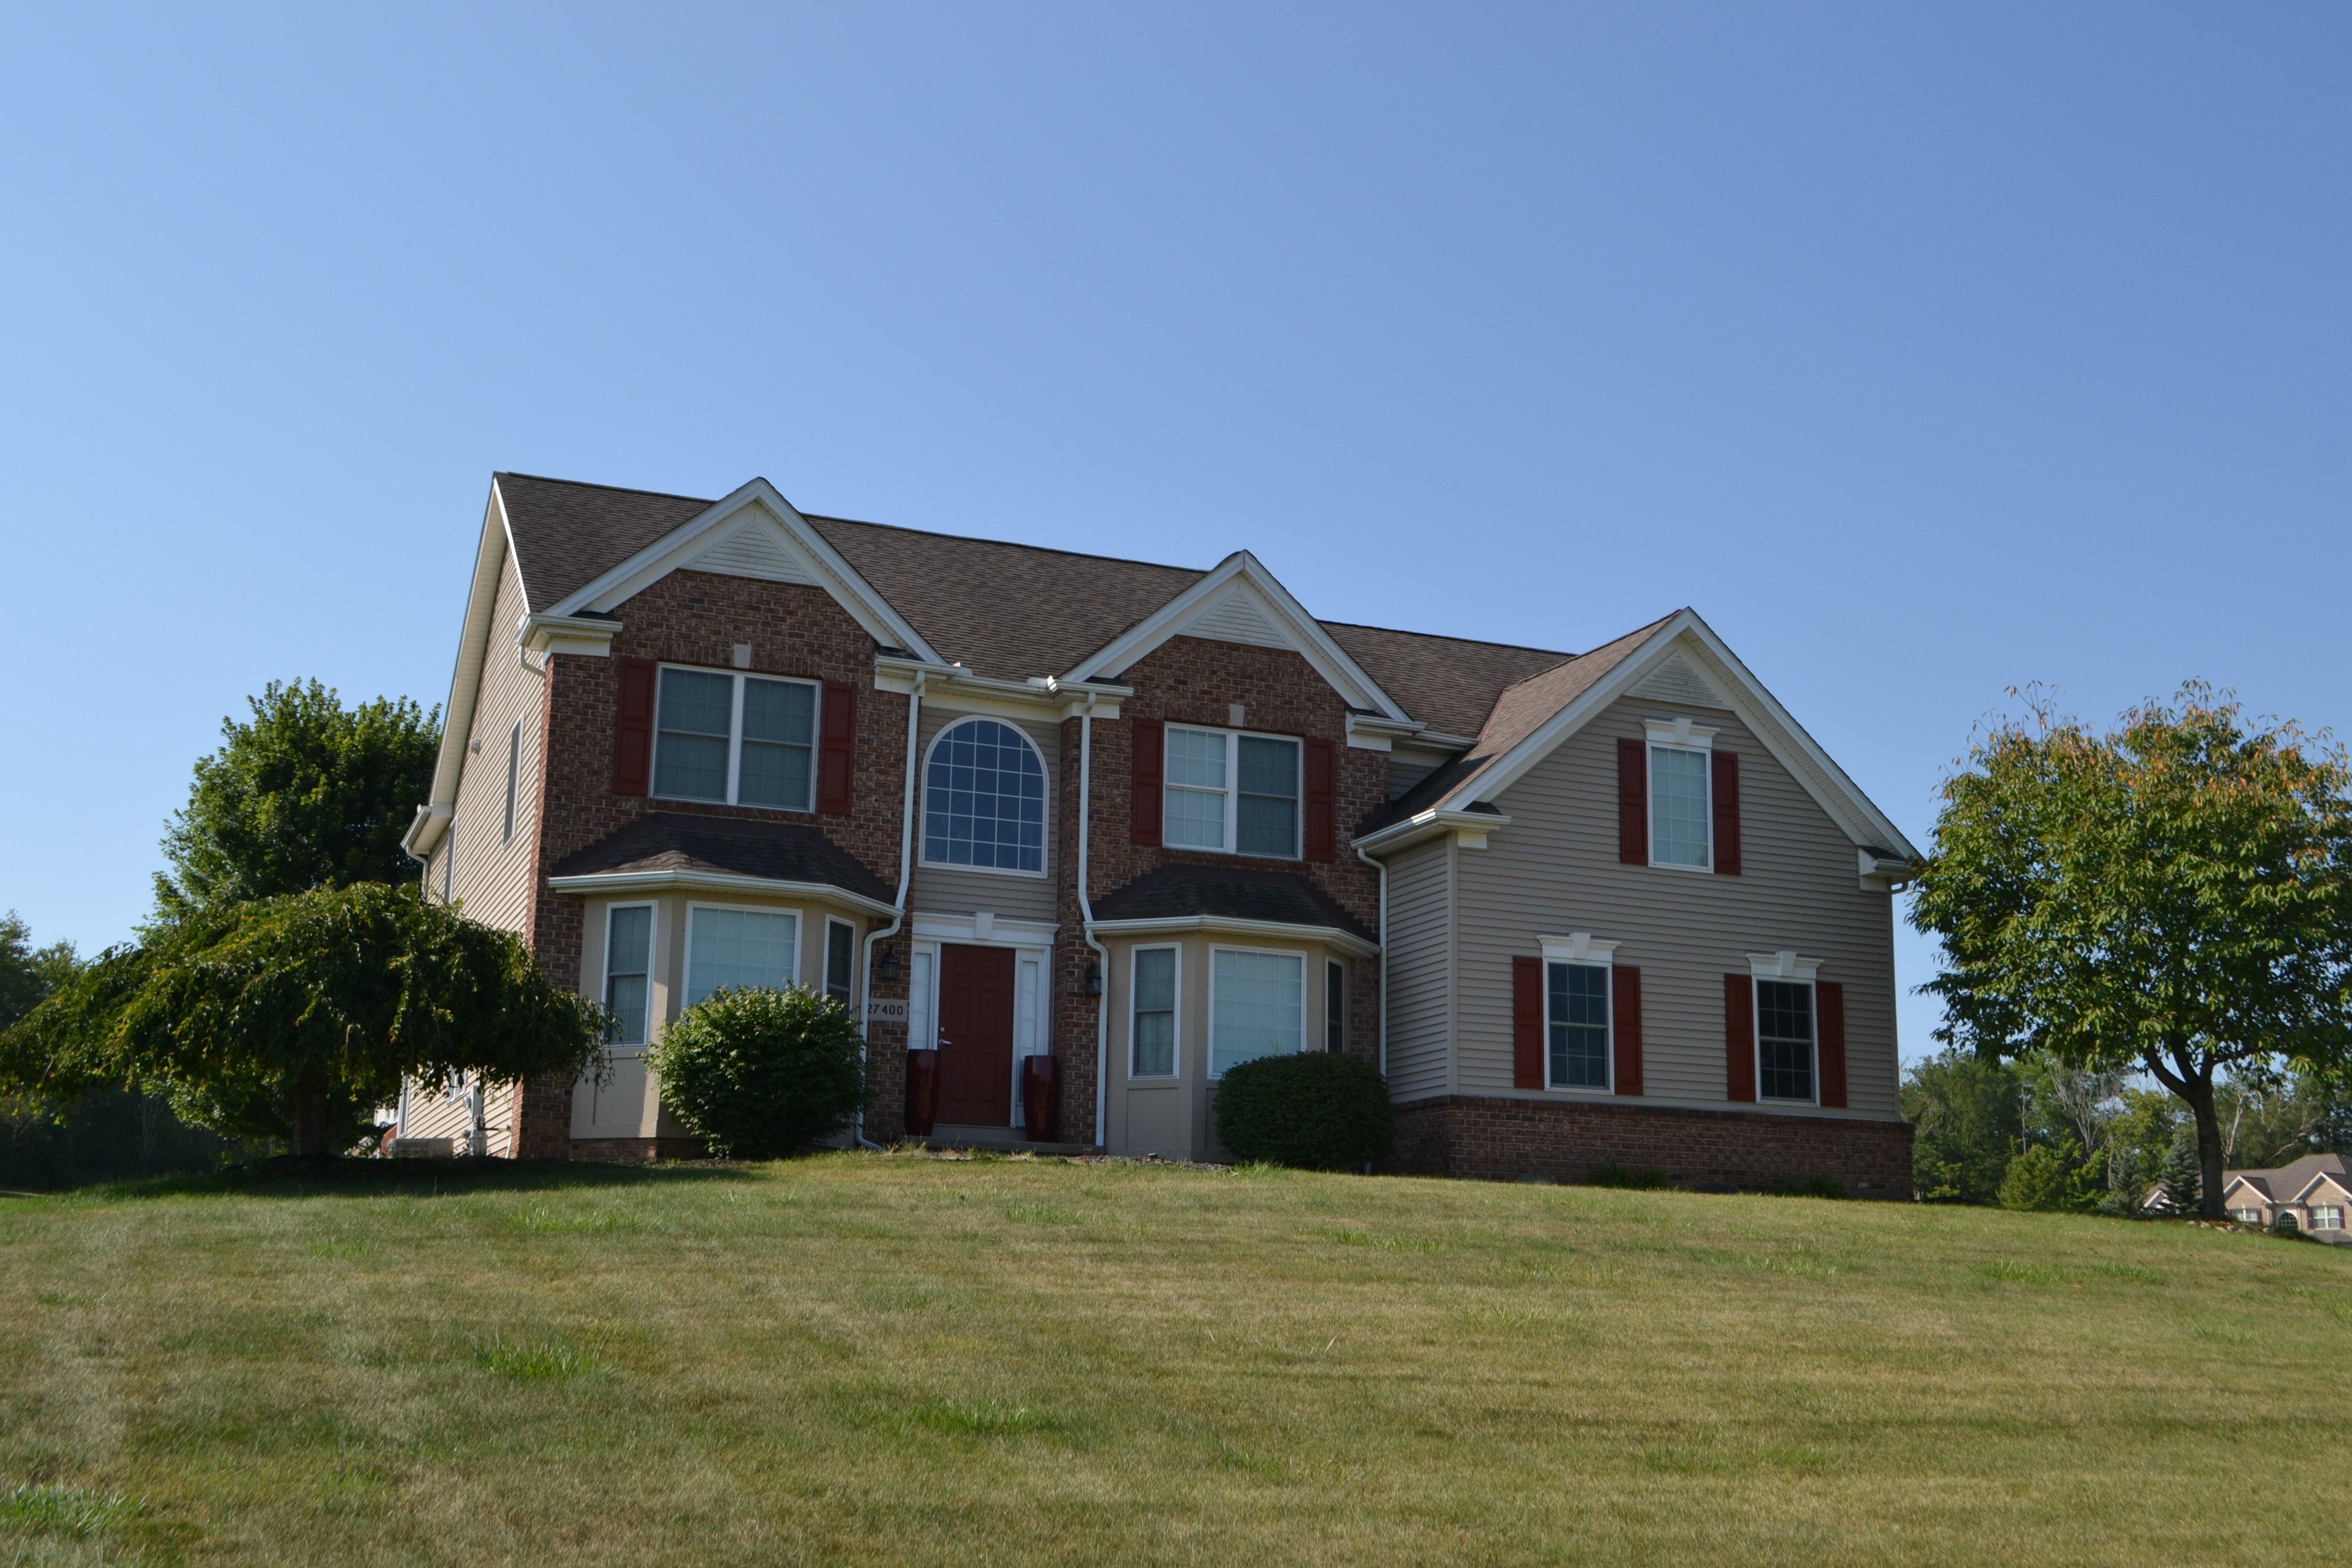 Solon, OH – $415,000